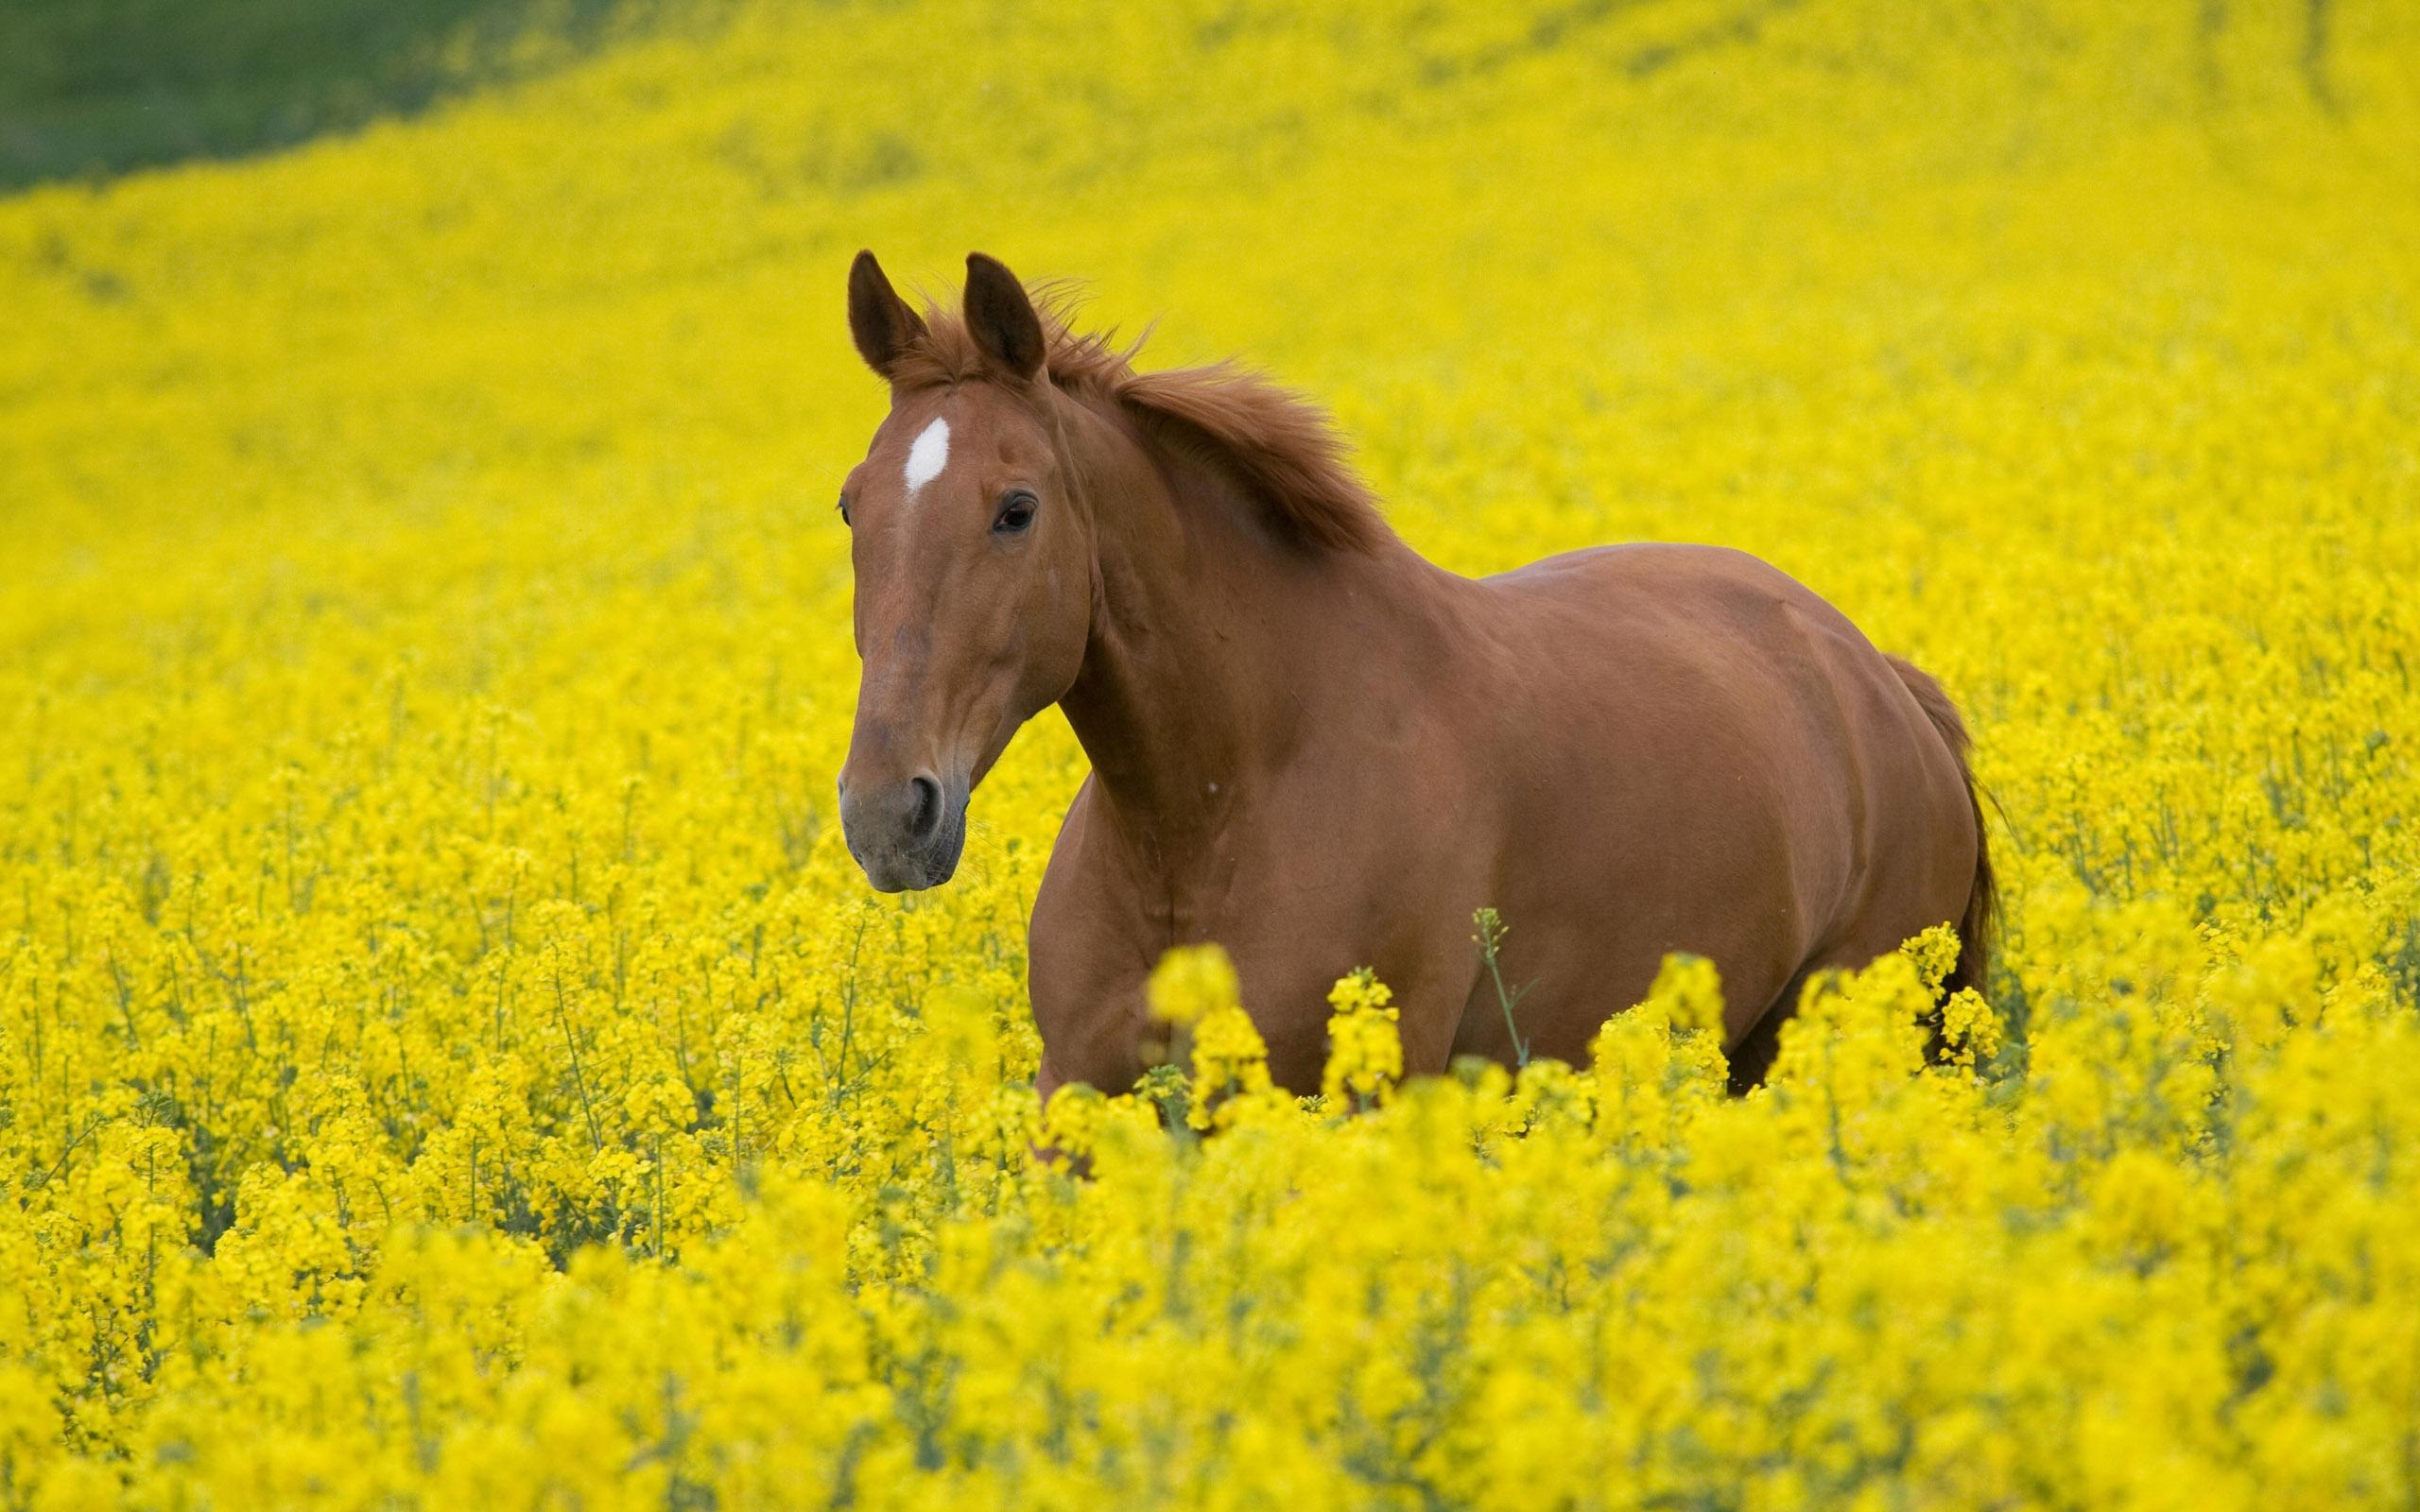 Free Horse Wallpaper 19888 2560x1600 px ~ HDWallSource.com